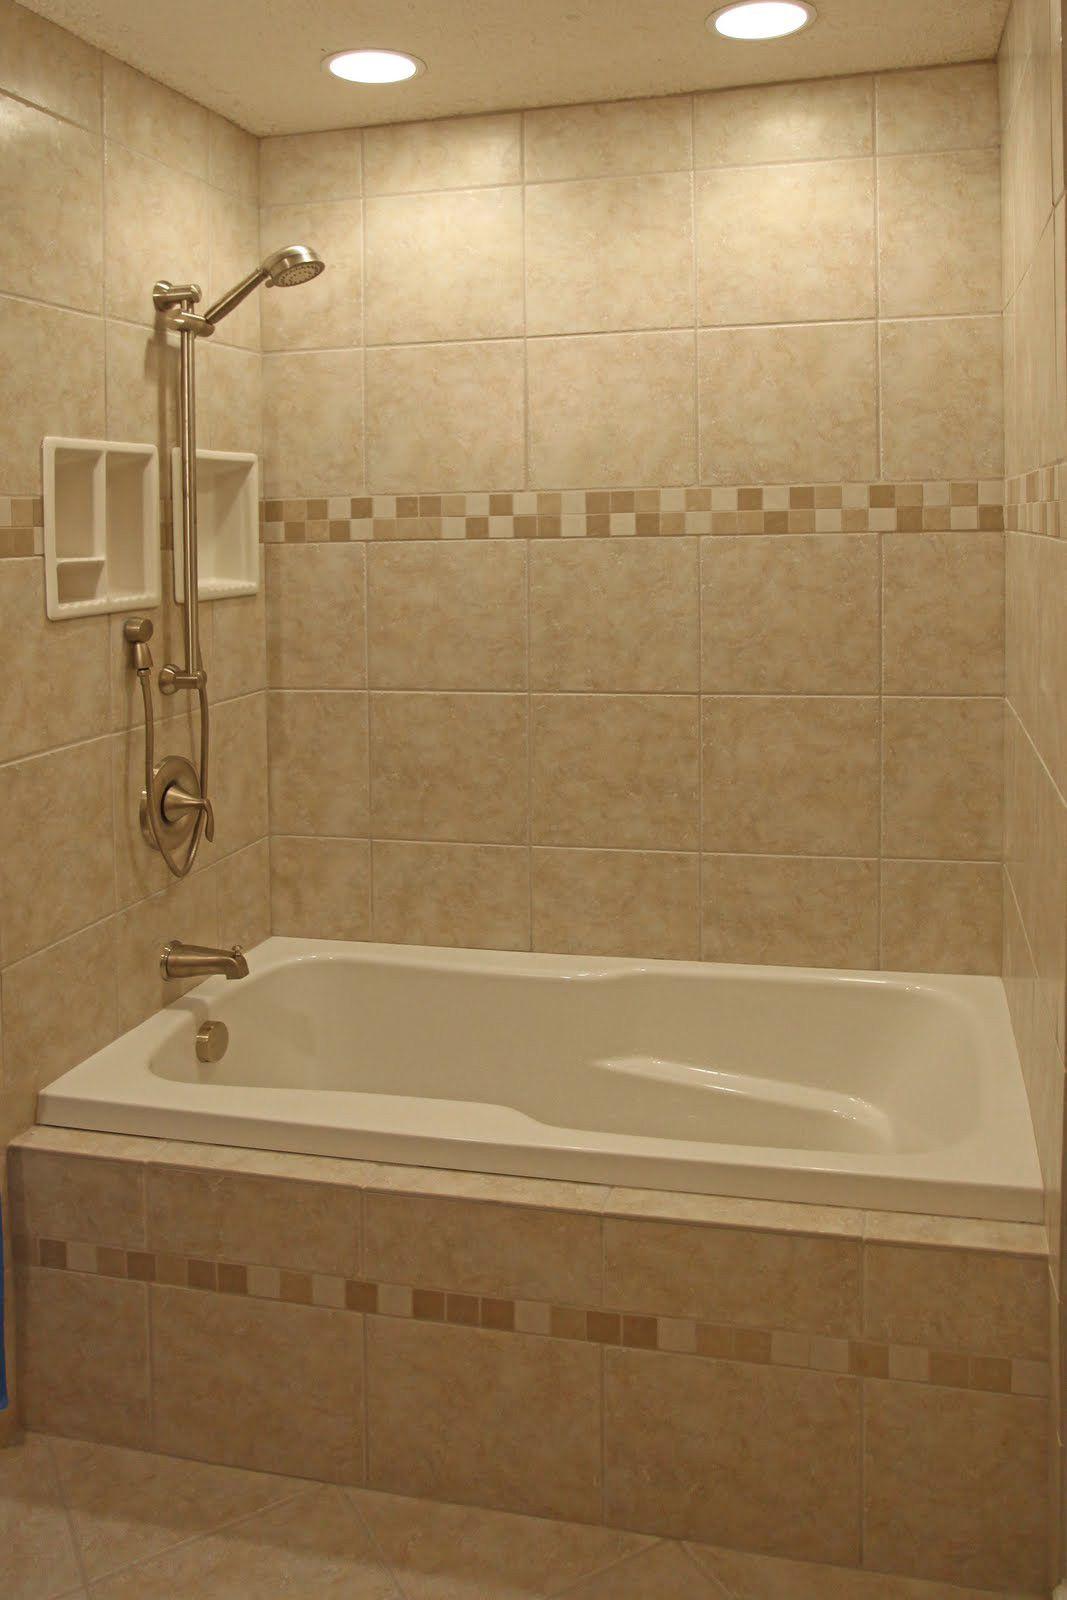 Tile Stripe Could Match Shower Floor Tile Bathroom Redux